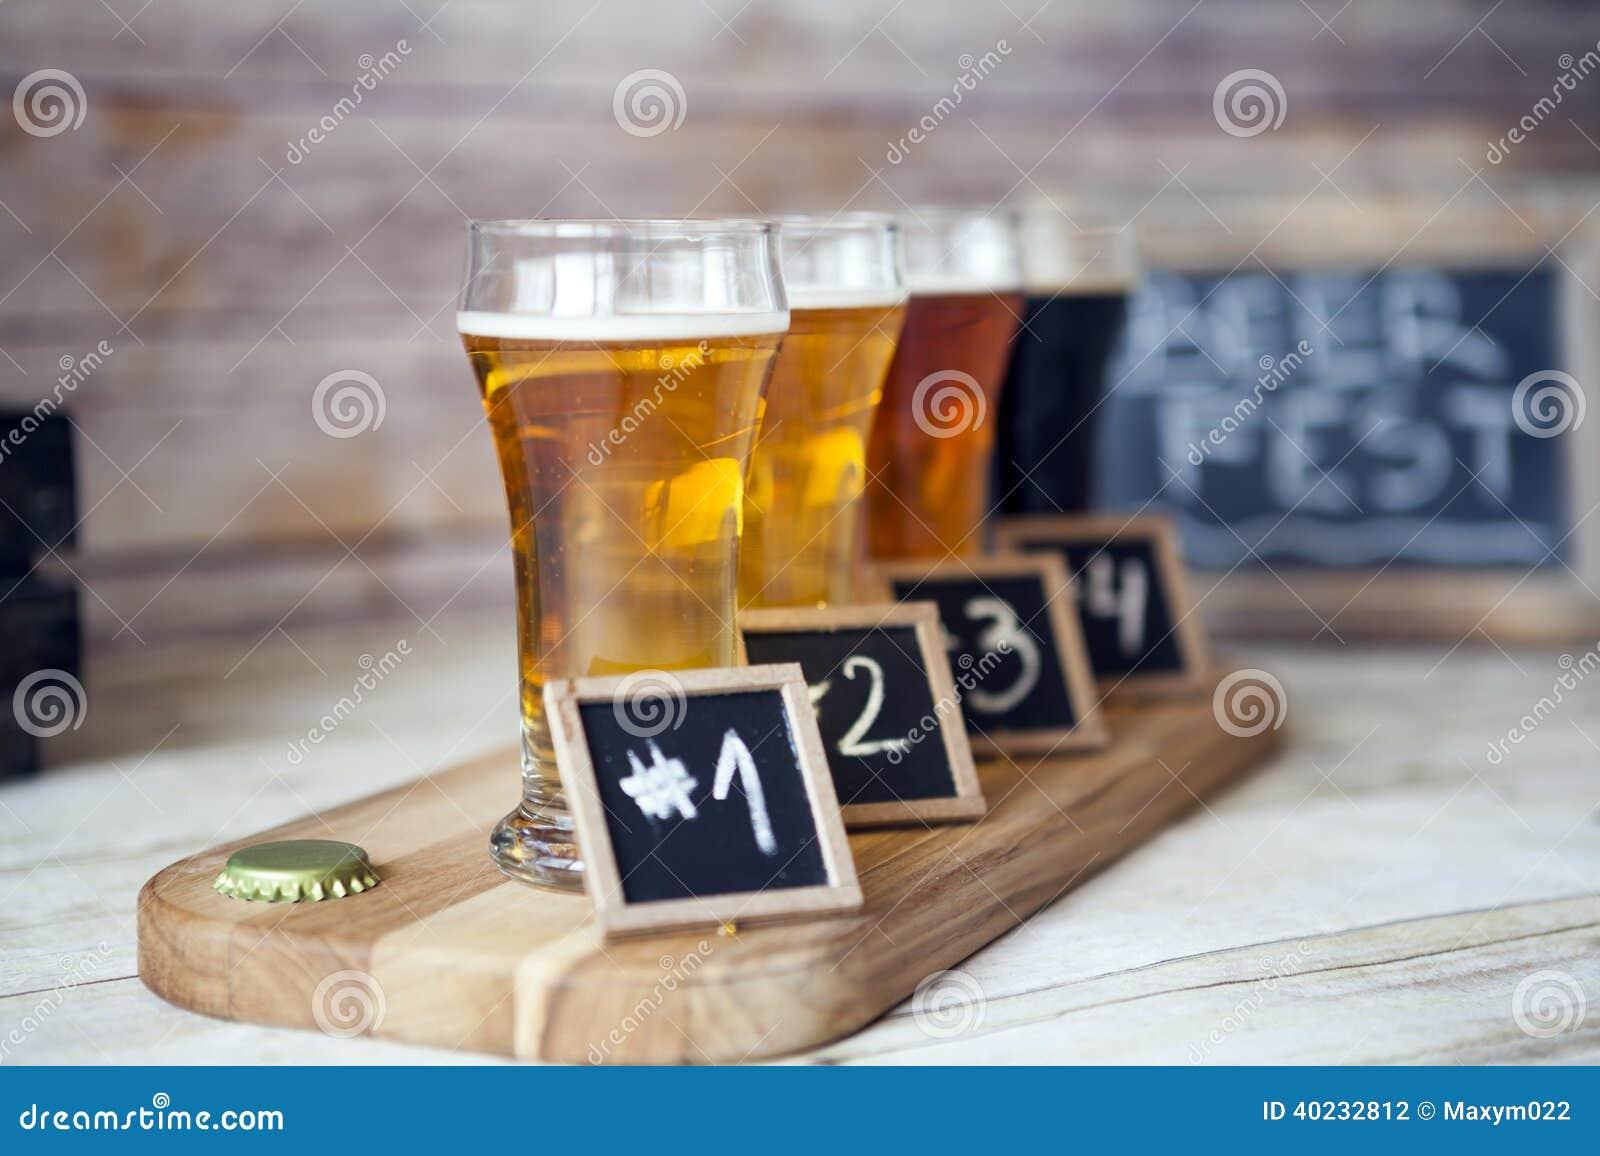 Échantillon de bière